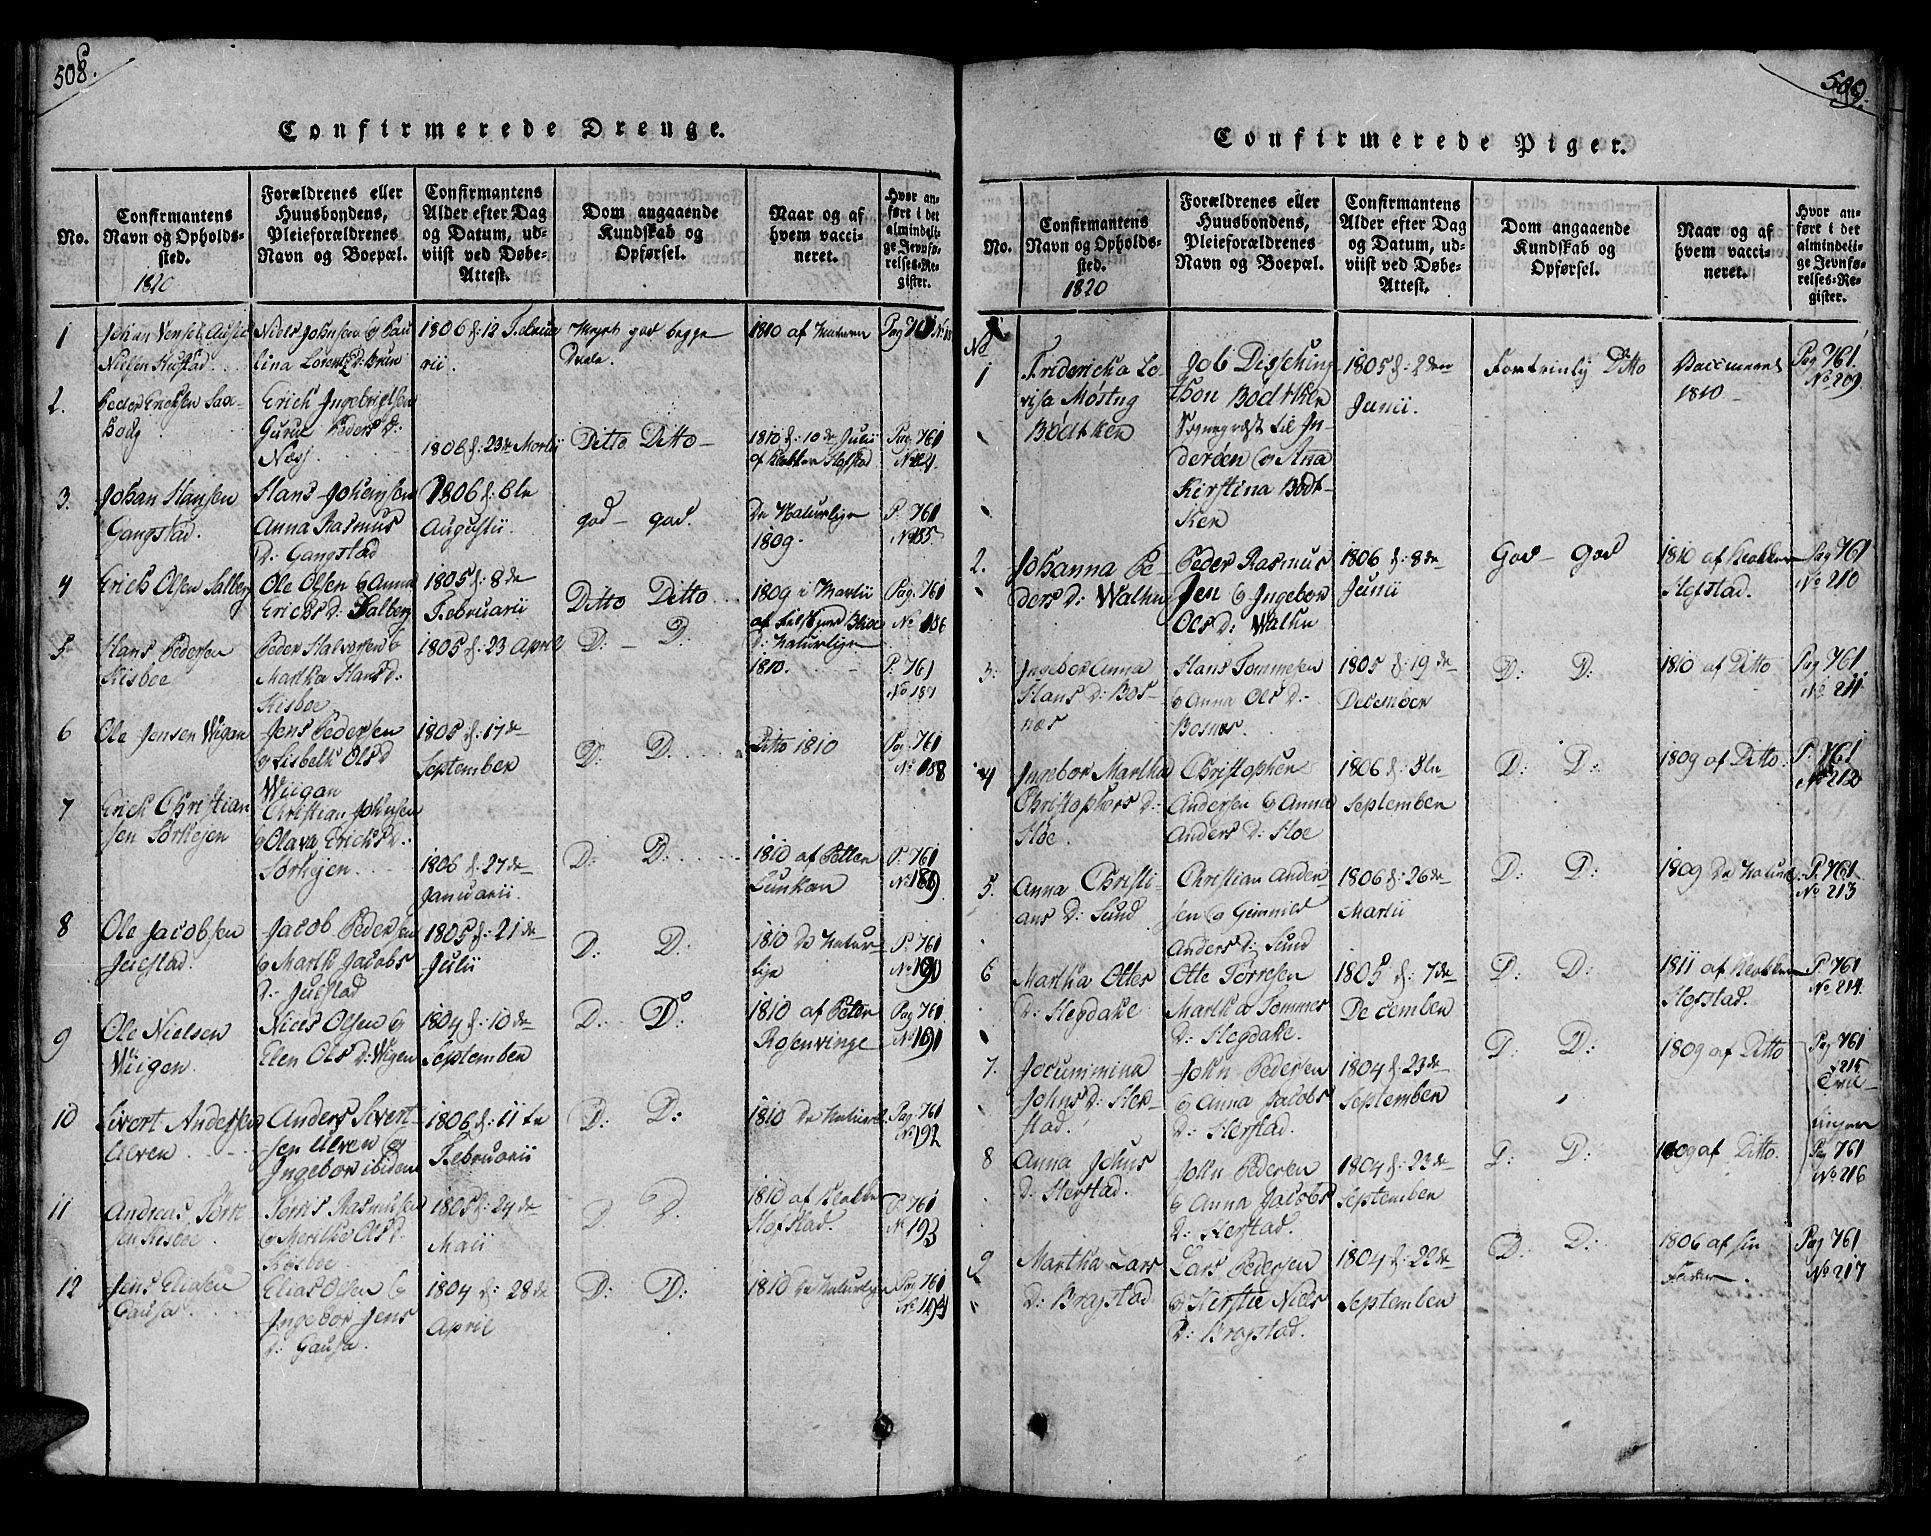 SAT, Ministerialprotokoller, klokkerbøker og fødselsregistre - Nord-Trøndelag, 730/L0275: Ministerialbok nr. 730A04, 1816-1822, s. 508-509